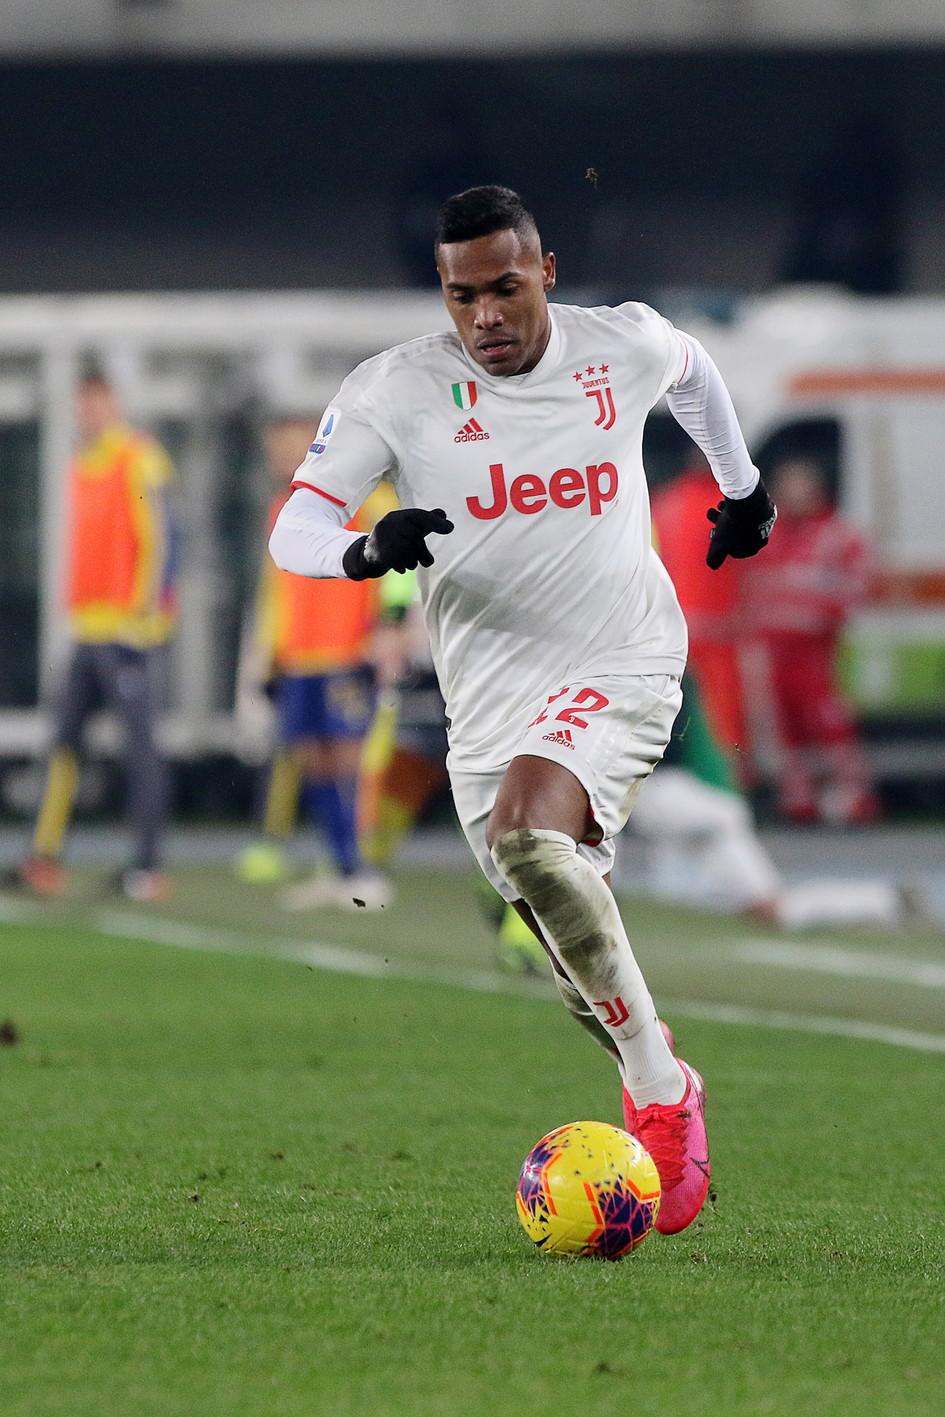 Alex Sandro: 1,6 milioni di euro netti